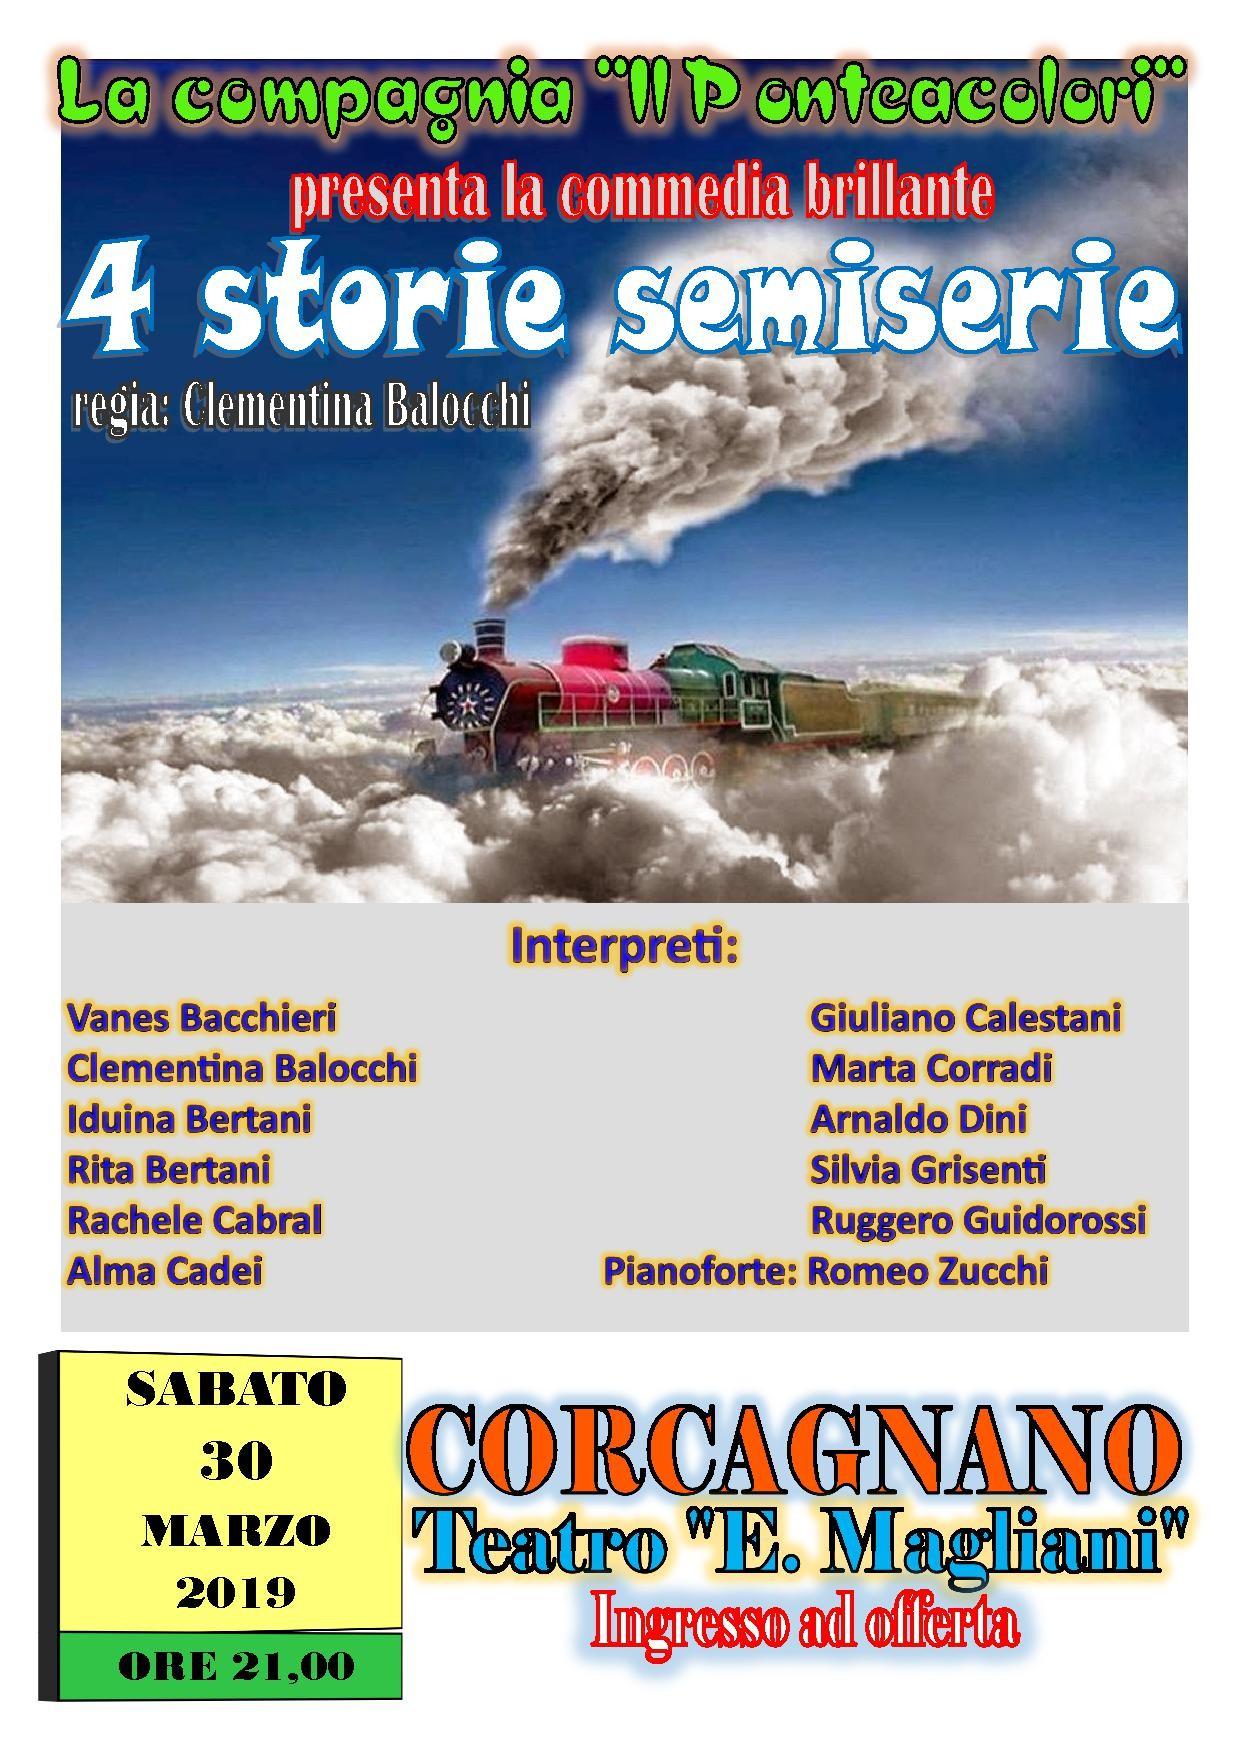 """""""Quattro  storie semiserie"""" commedia brillante al Teatro Ennio Magliani"""